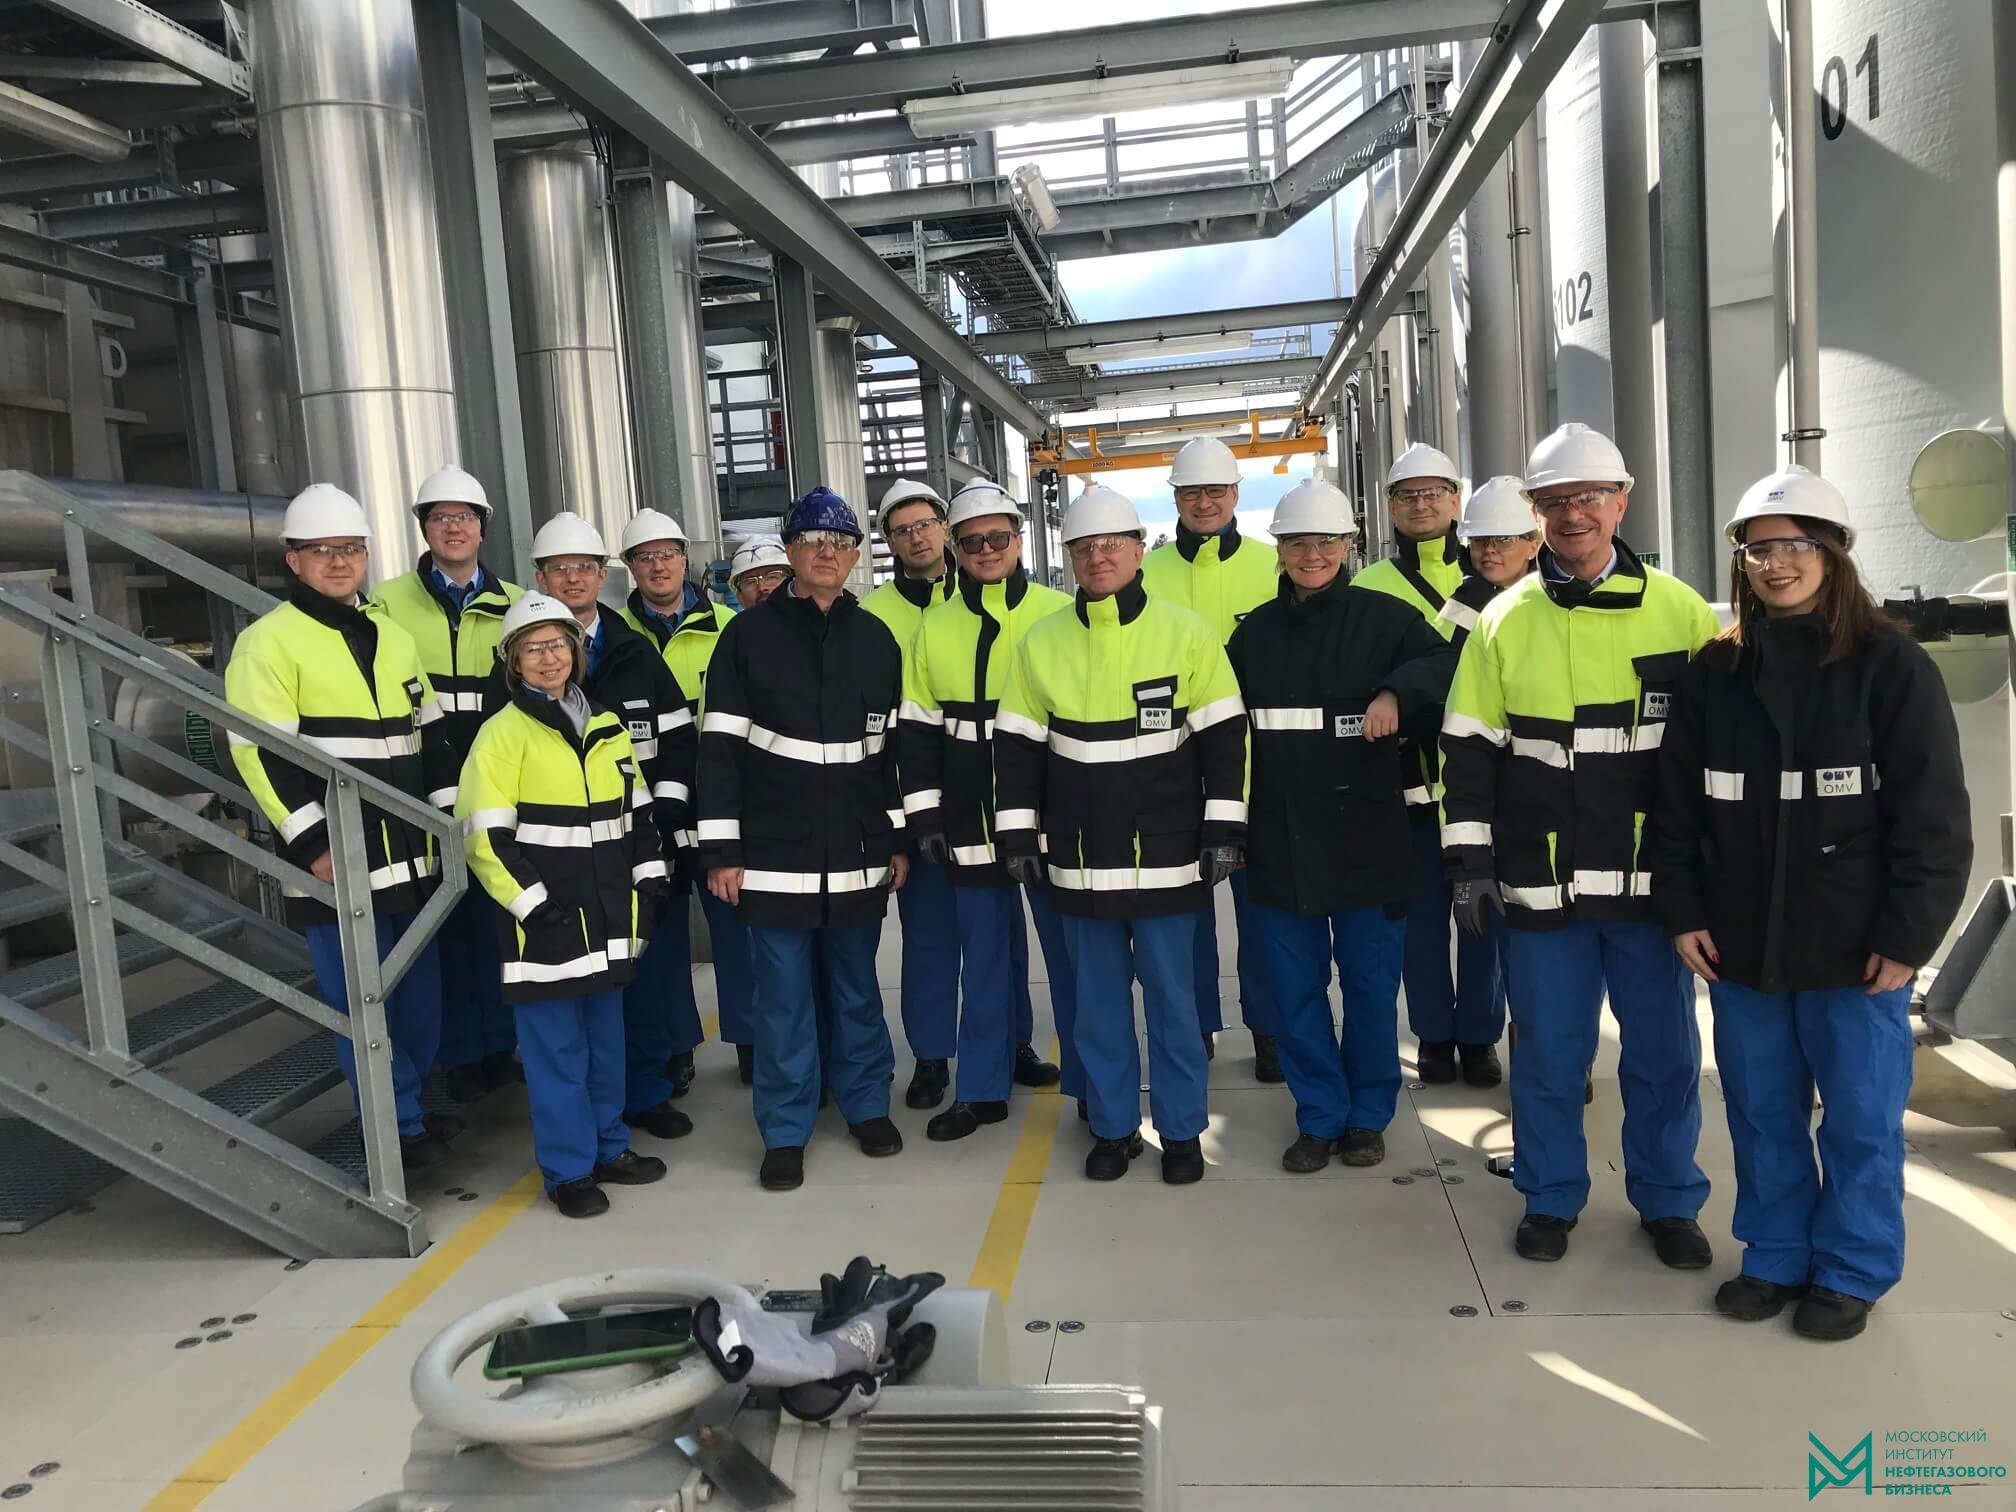 Стажировка Executive MBA Нефтегазовый бизнес в Австрии, OMV